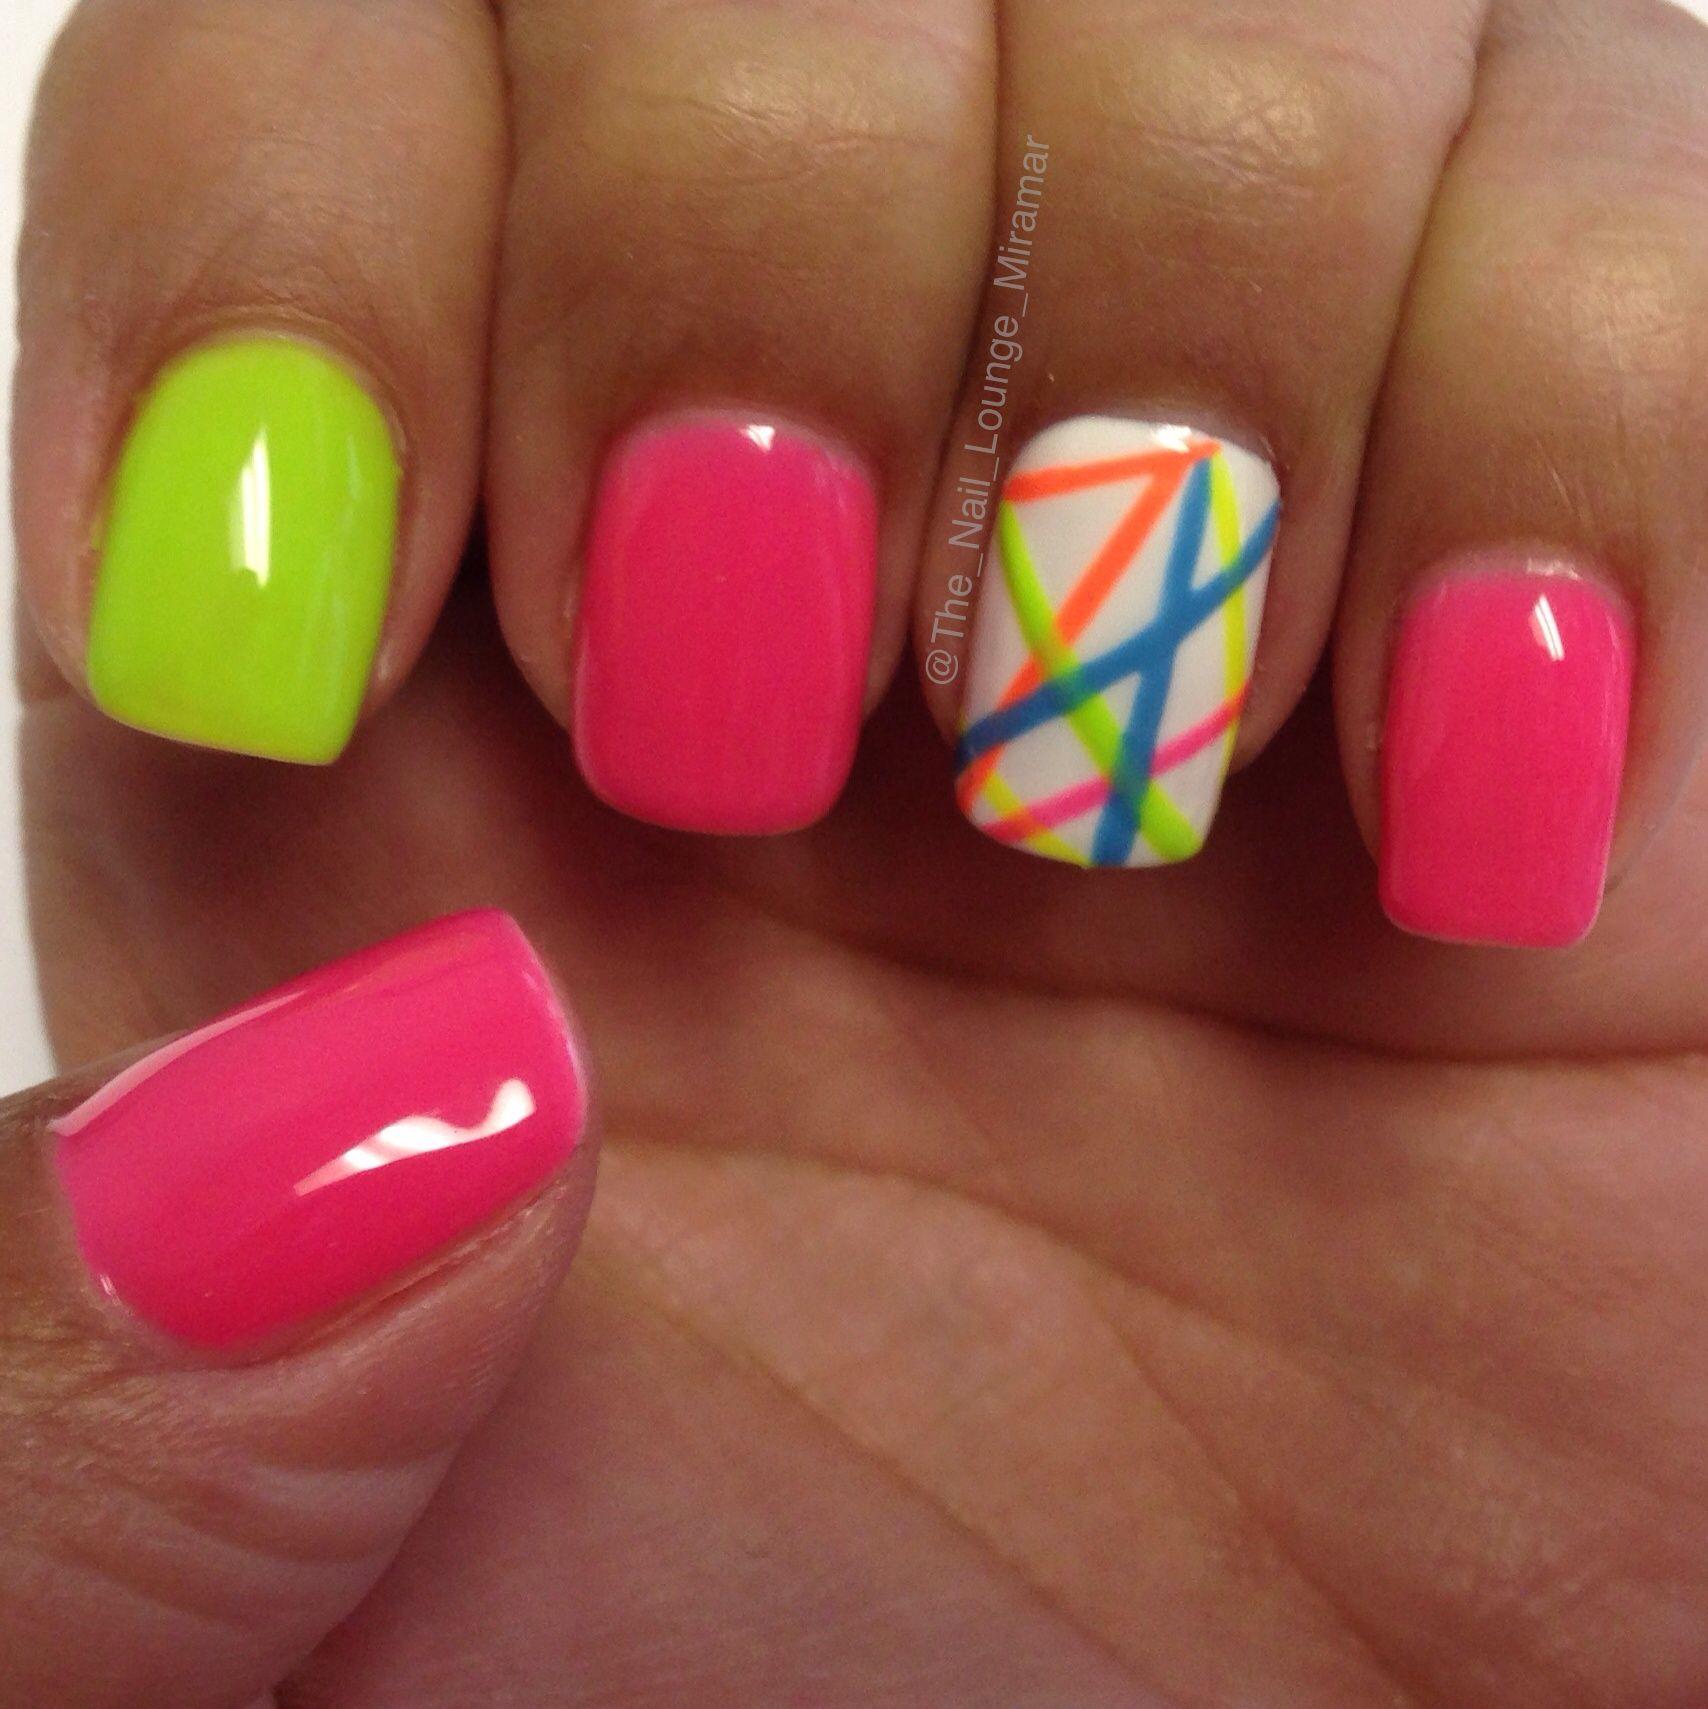 Neon lines nail art design | Nails | Pinterest | Nail art, Nail art ...